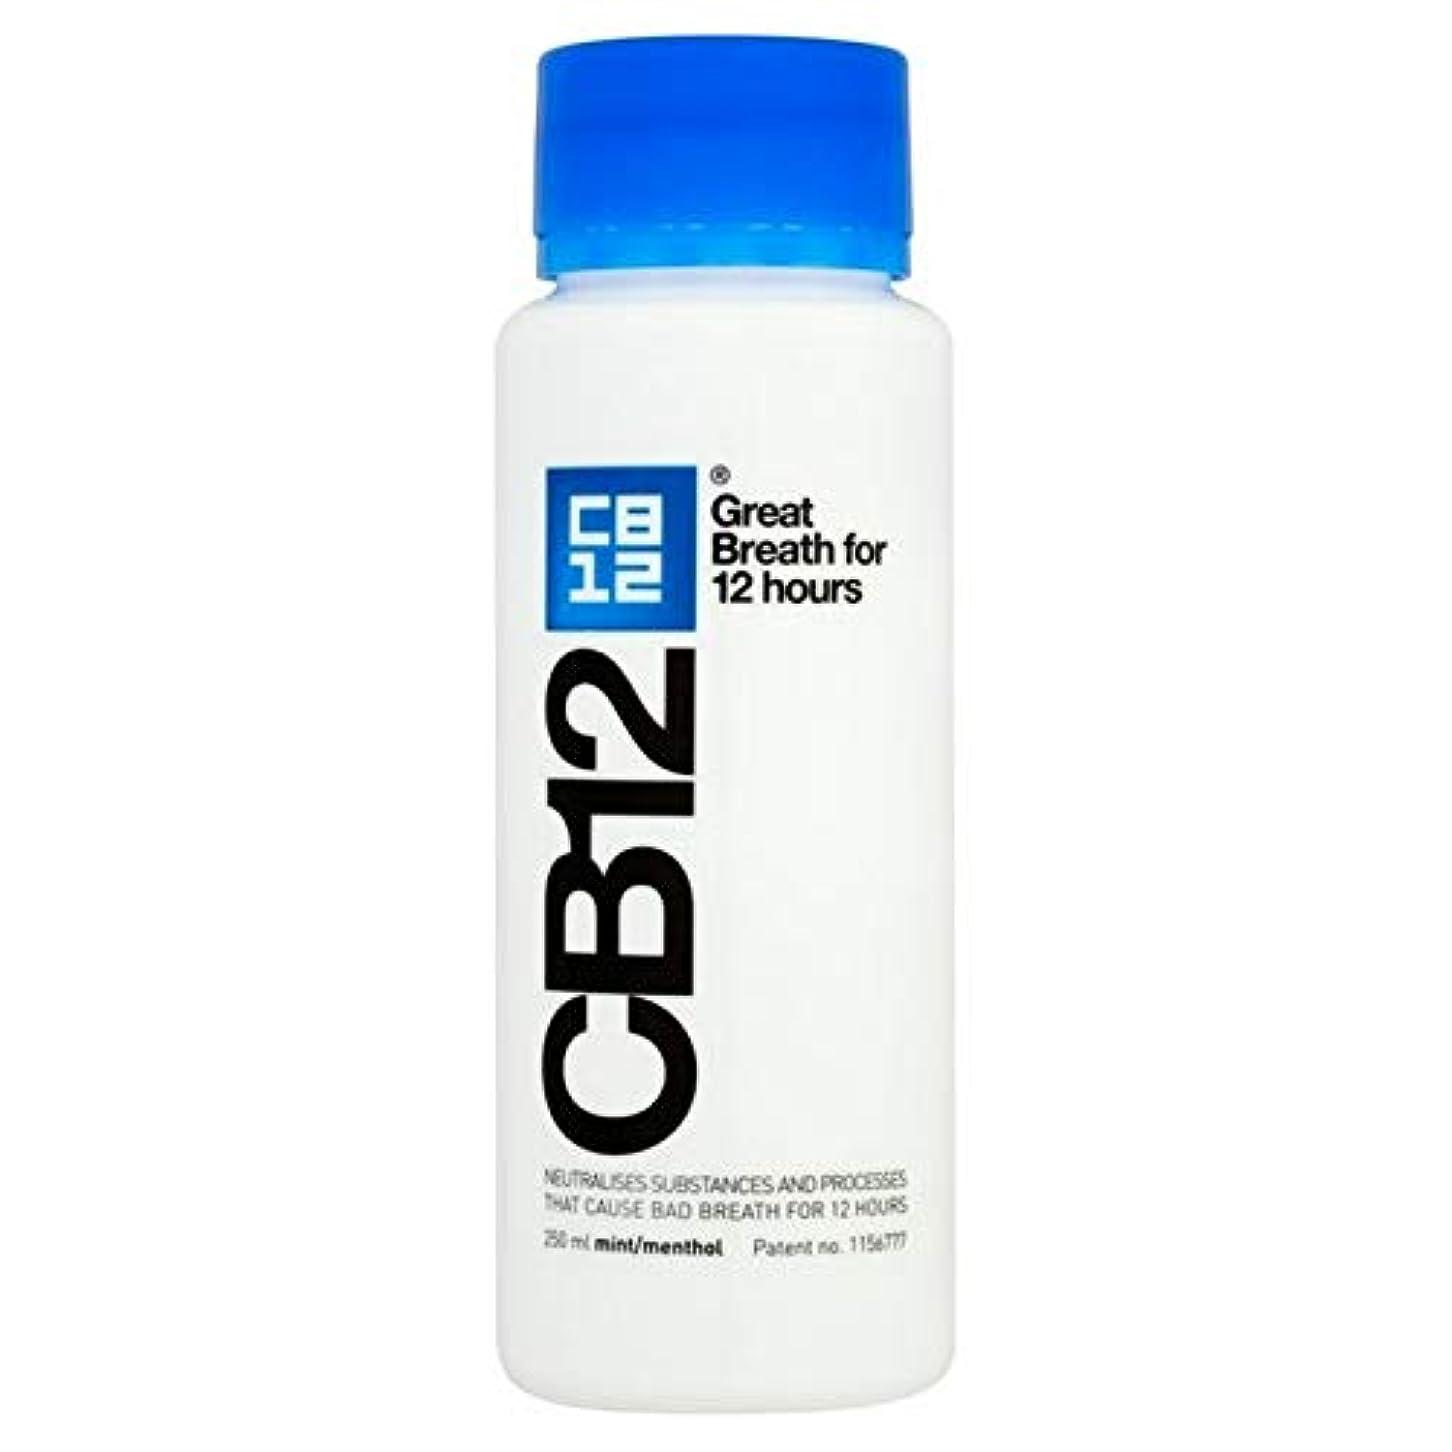 節約放送イデオロギー[CB12] Cb12安全な息マウスウォッシュミント250ミリリットル - CB12 Safe Breath Mouthwash Mint 250ml [並行輸入品]